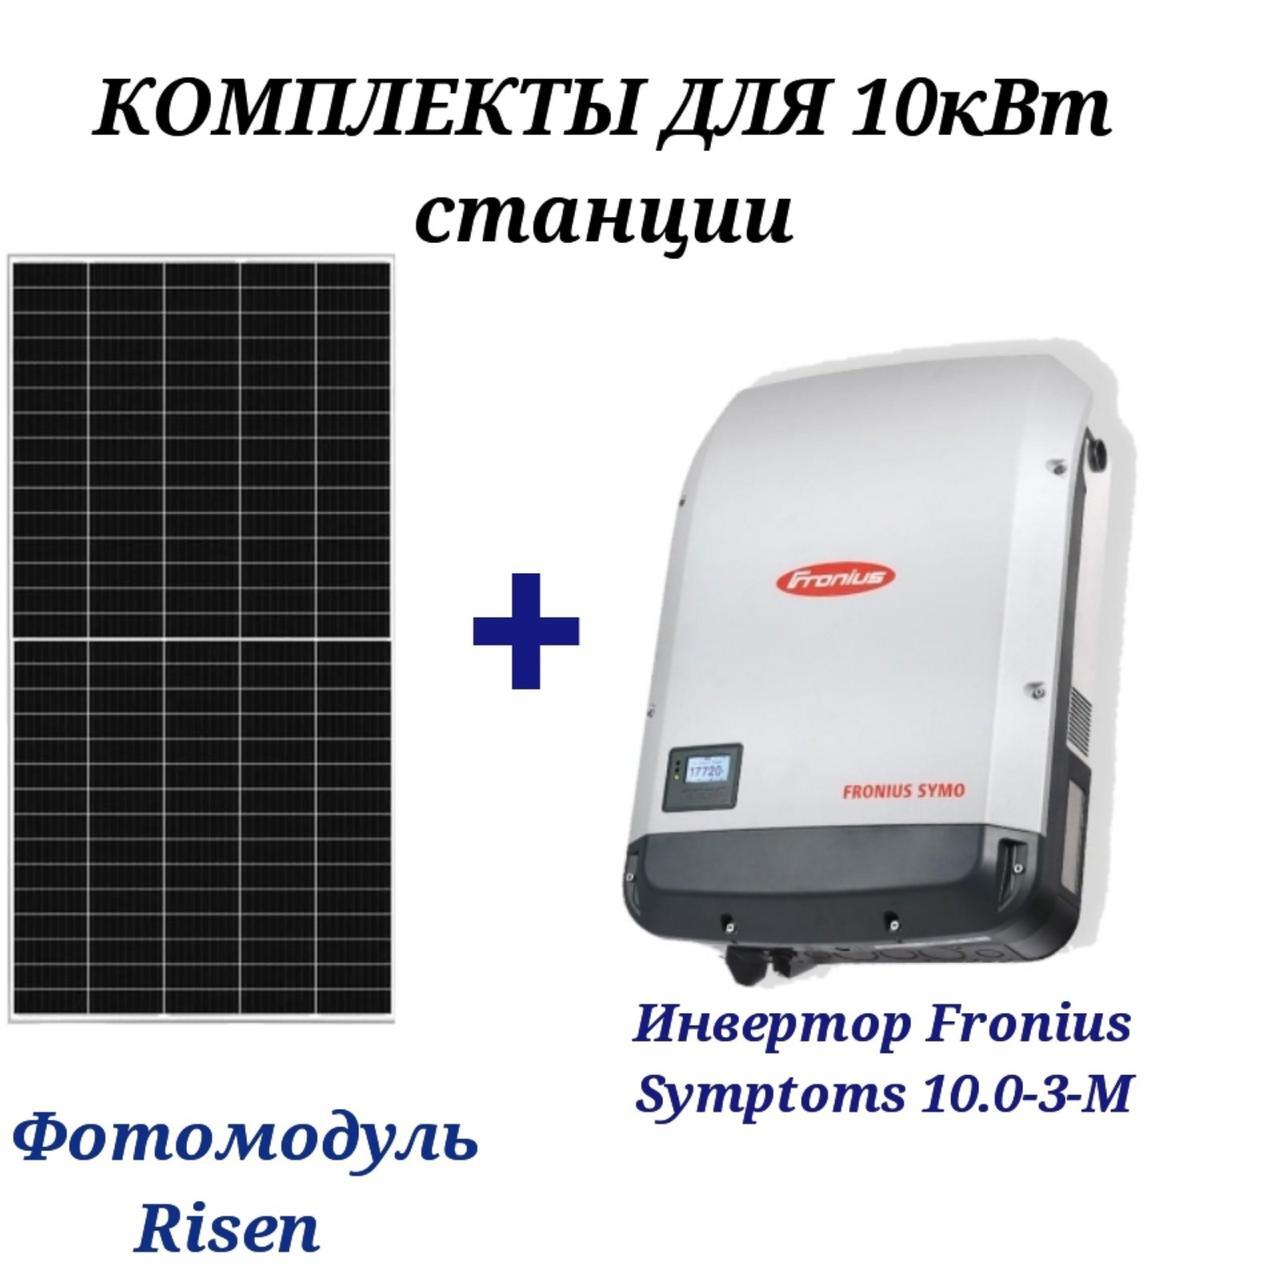 Комплект для мережевої сонячної електростанції 10 кВт (фотомодуль, інвертор ,сонячна панель)